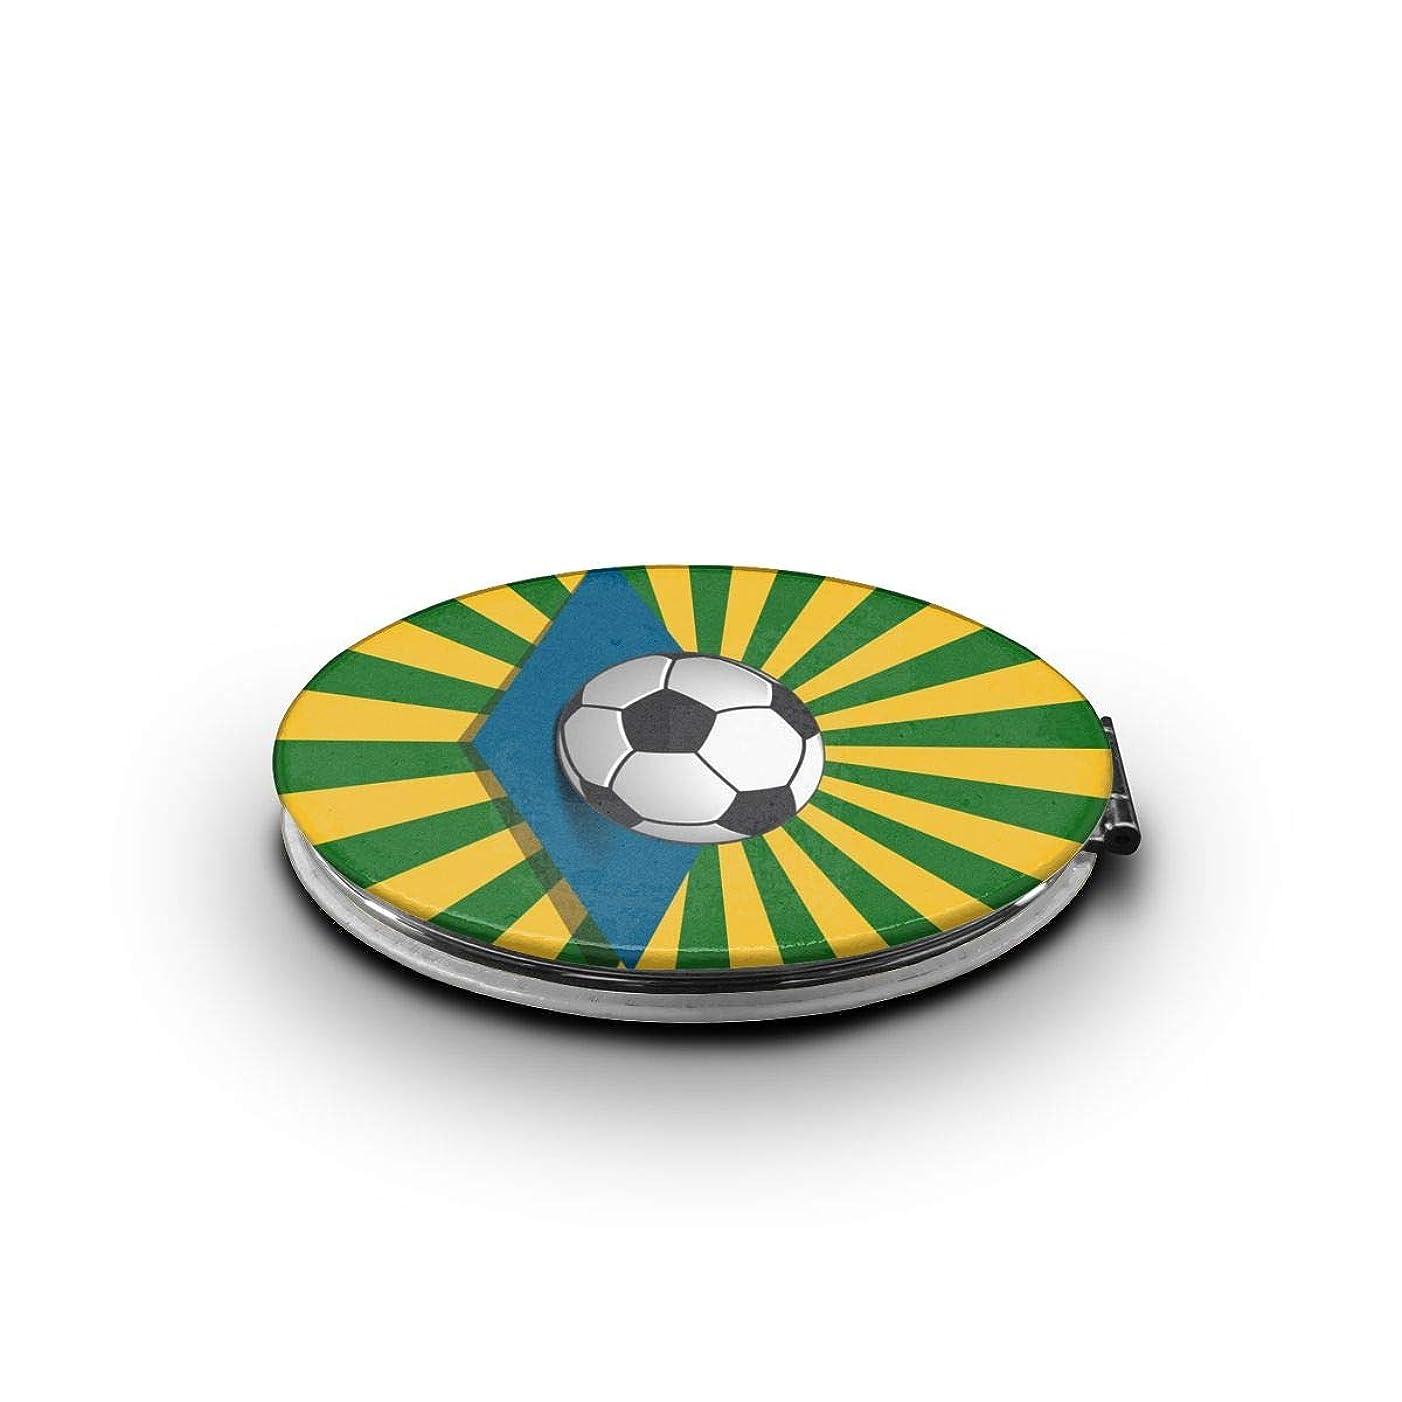 専門用語オーナー黙認するミラー 化粧鏡 サッカーボールとブラジルのサンバースト コンパクトミラー 軽量 丸型 折りたたみ鏡